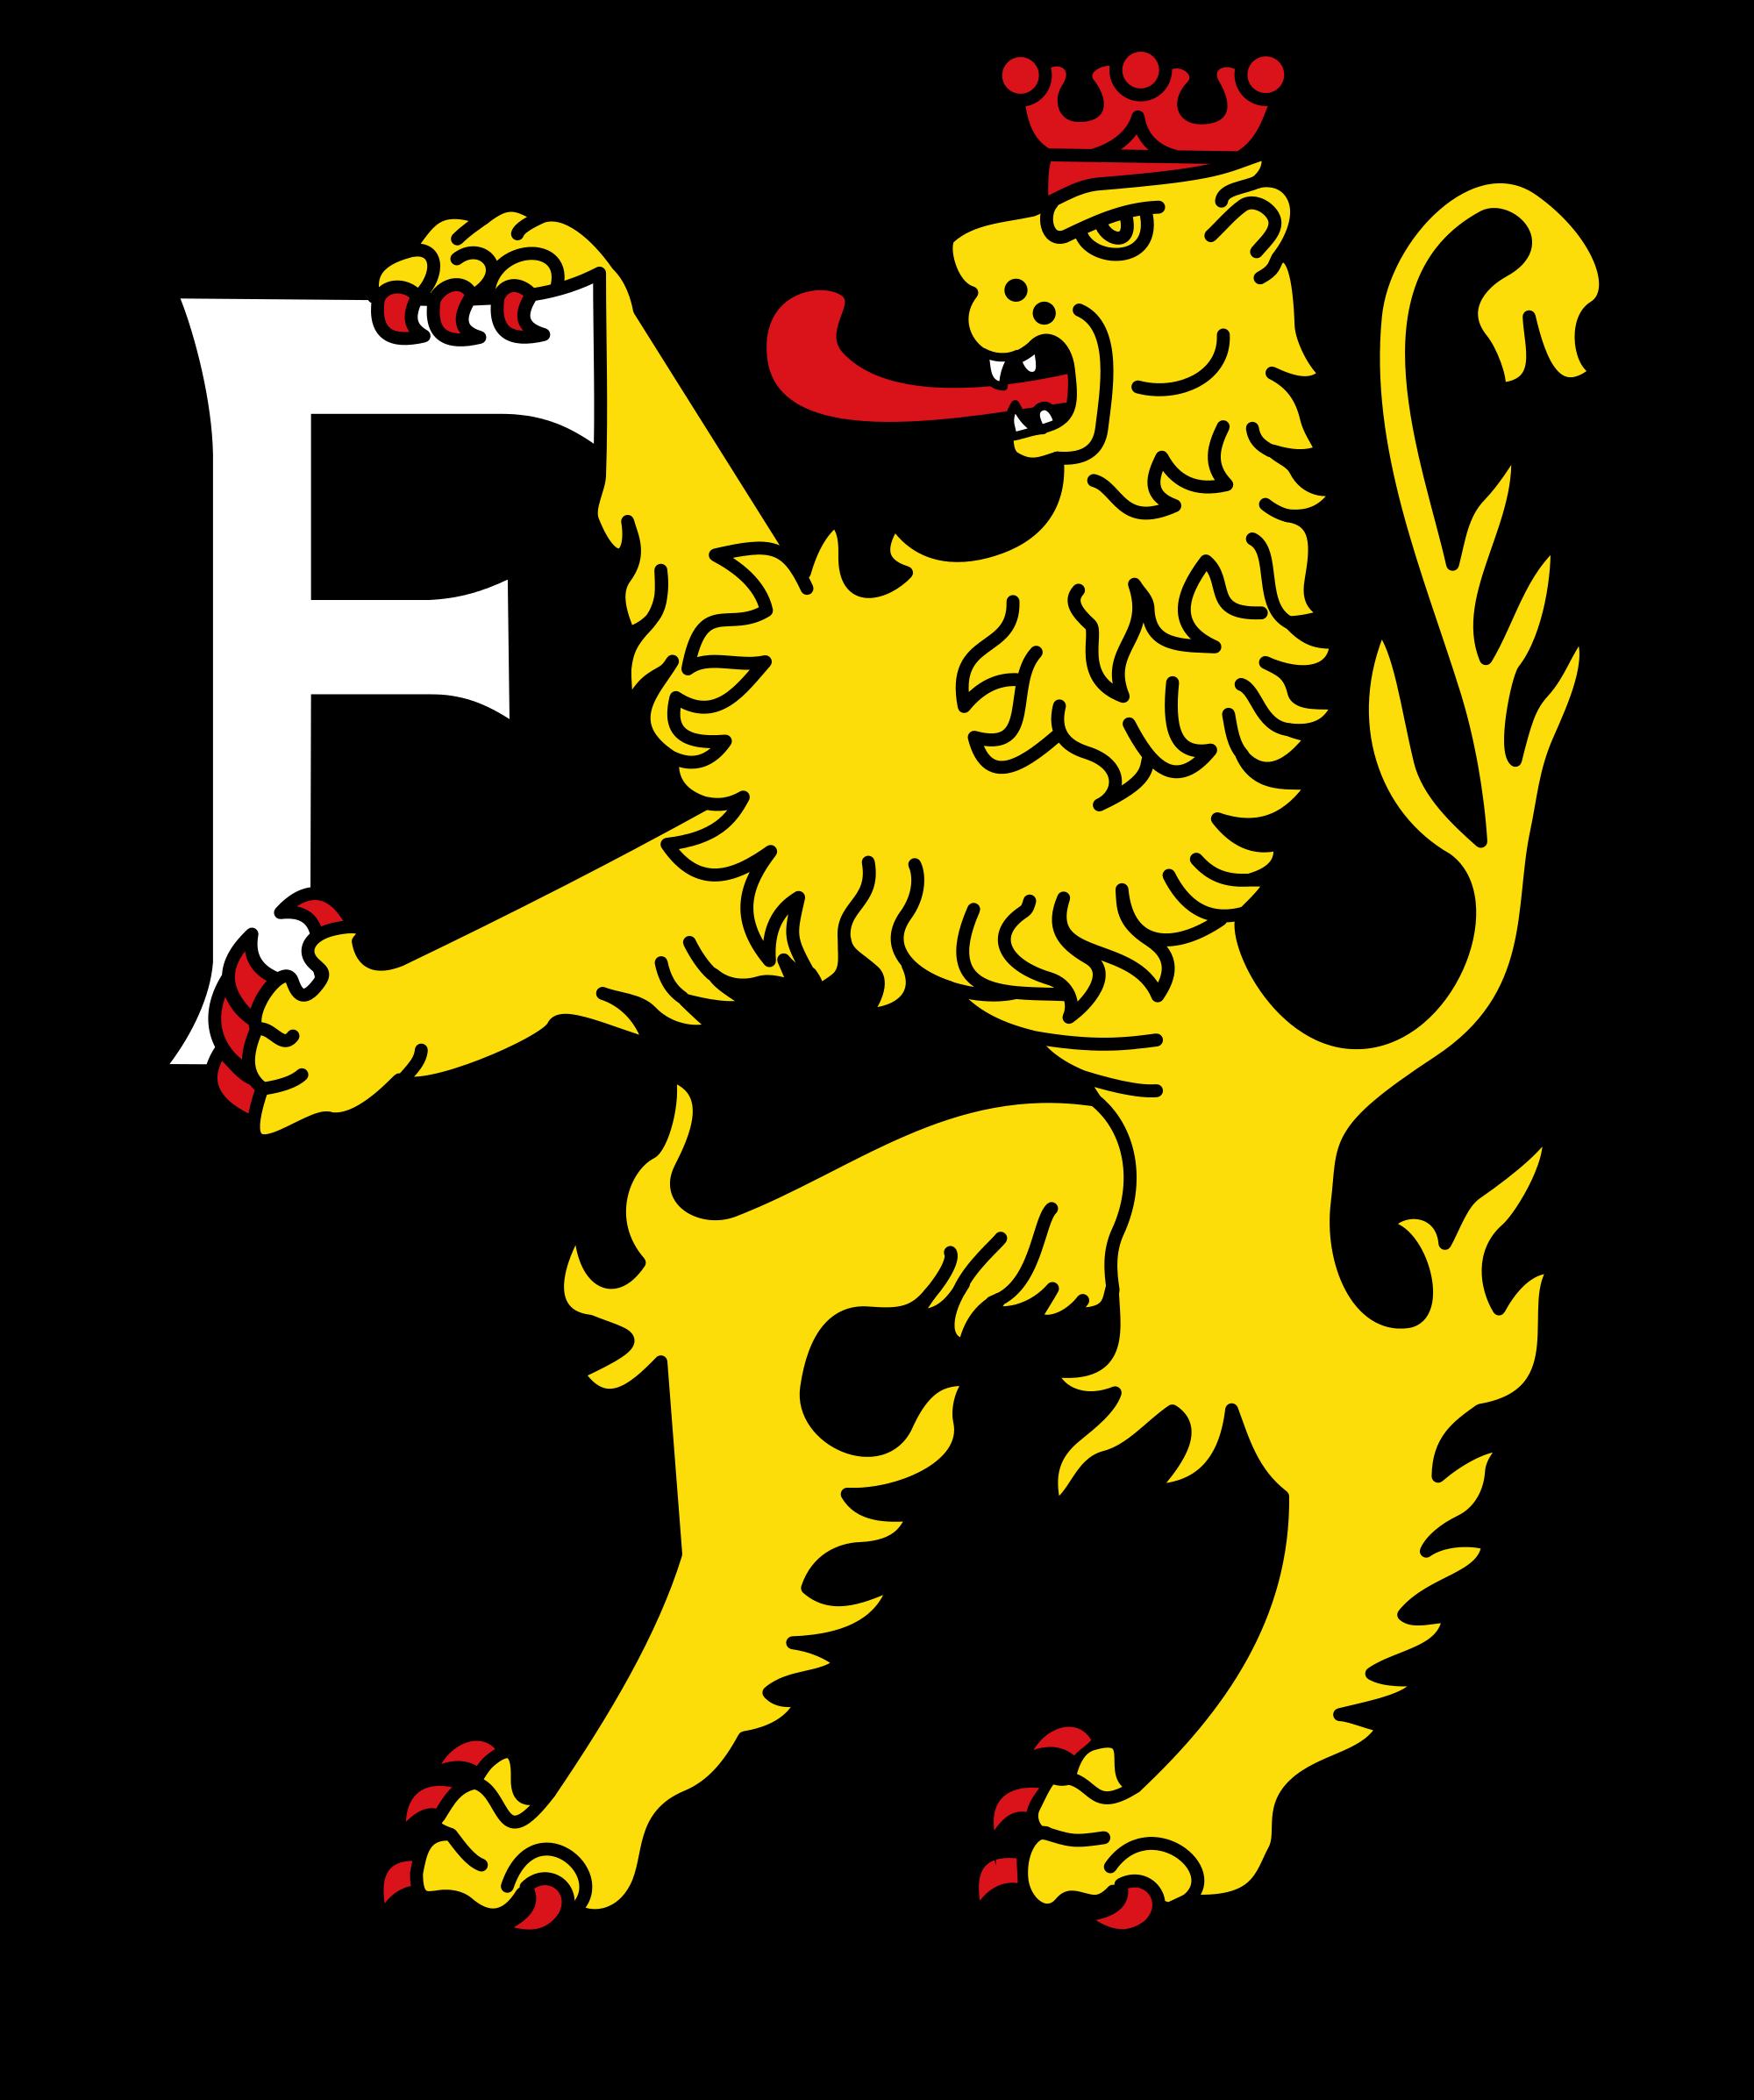 Rheinhessen clipart #14